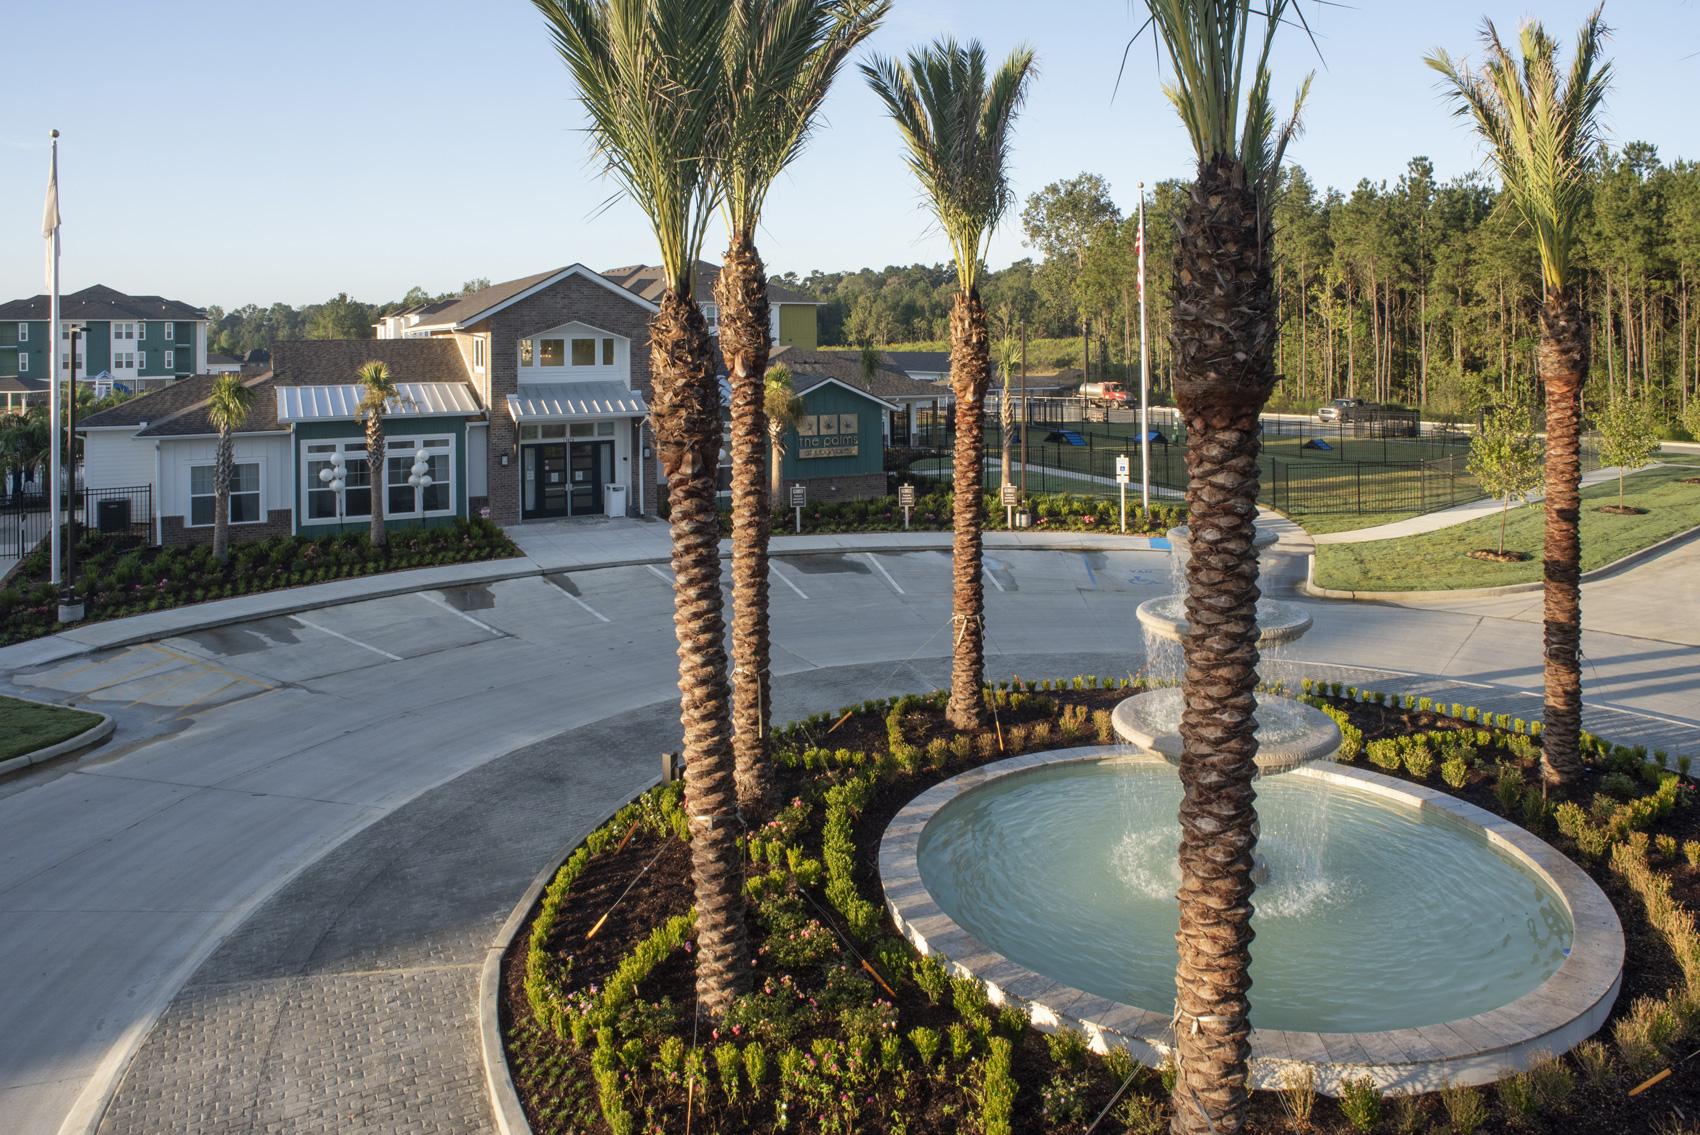 Denham Springs Apartments at The Palms at Juban Lakes Apartments in Denham Springs, Louisiana